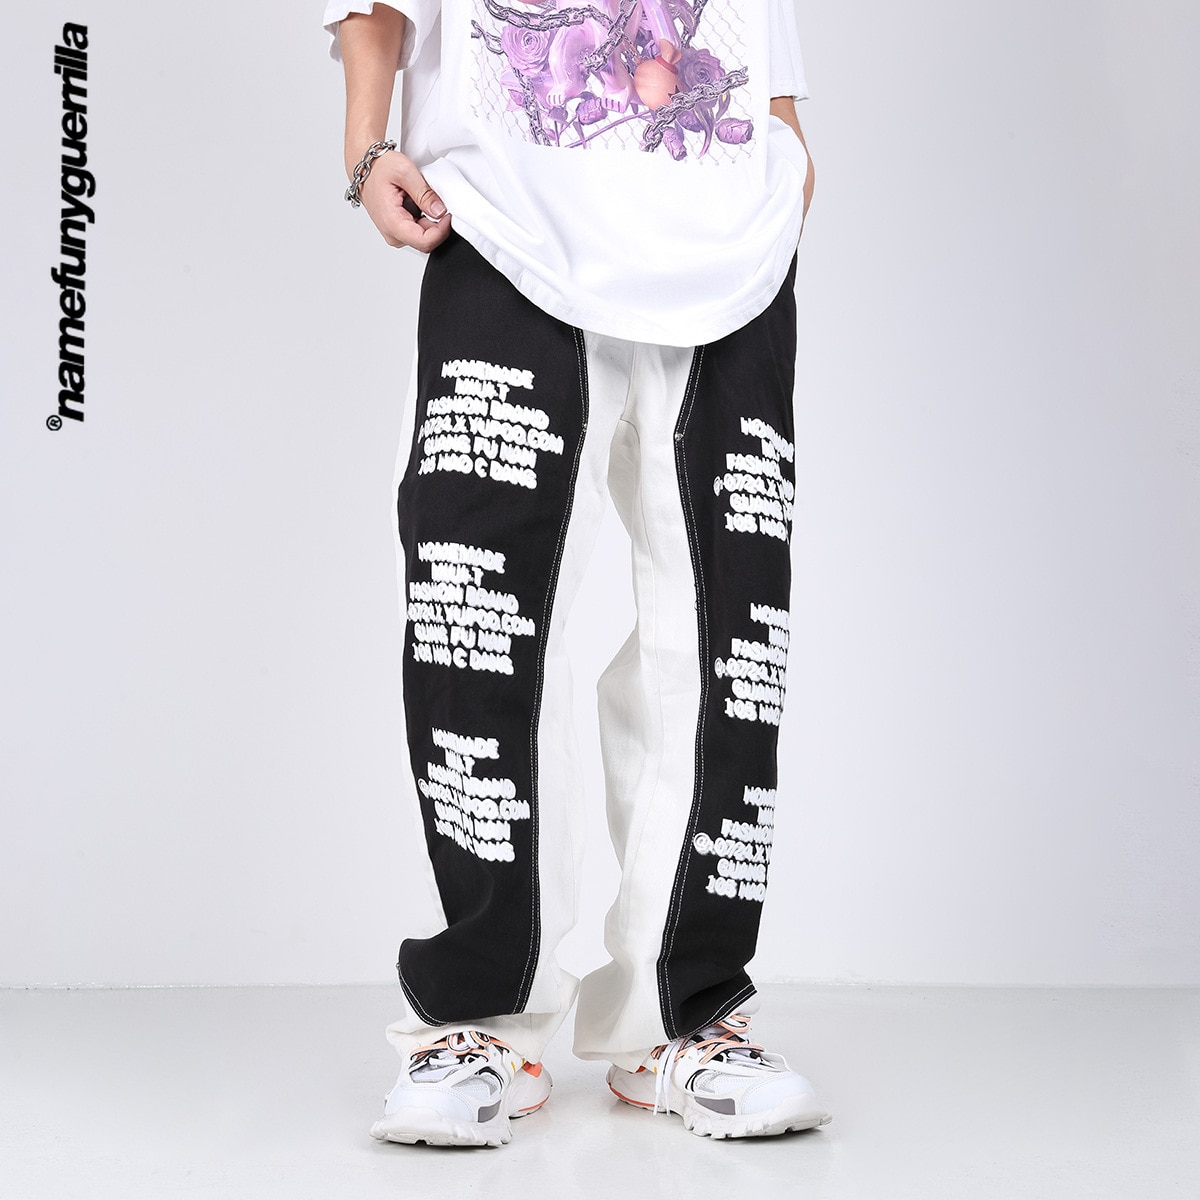 Черно-белые прямые джинсы Namefunyguerrilla, мужские уличные джинсы большого размера в стиле панк, хип-хоп, повседневные брюки 21260-1